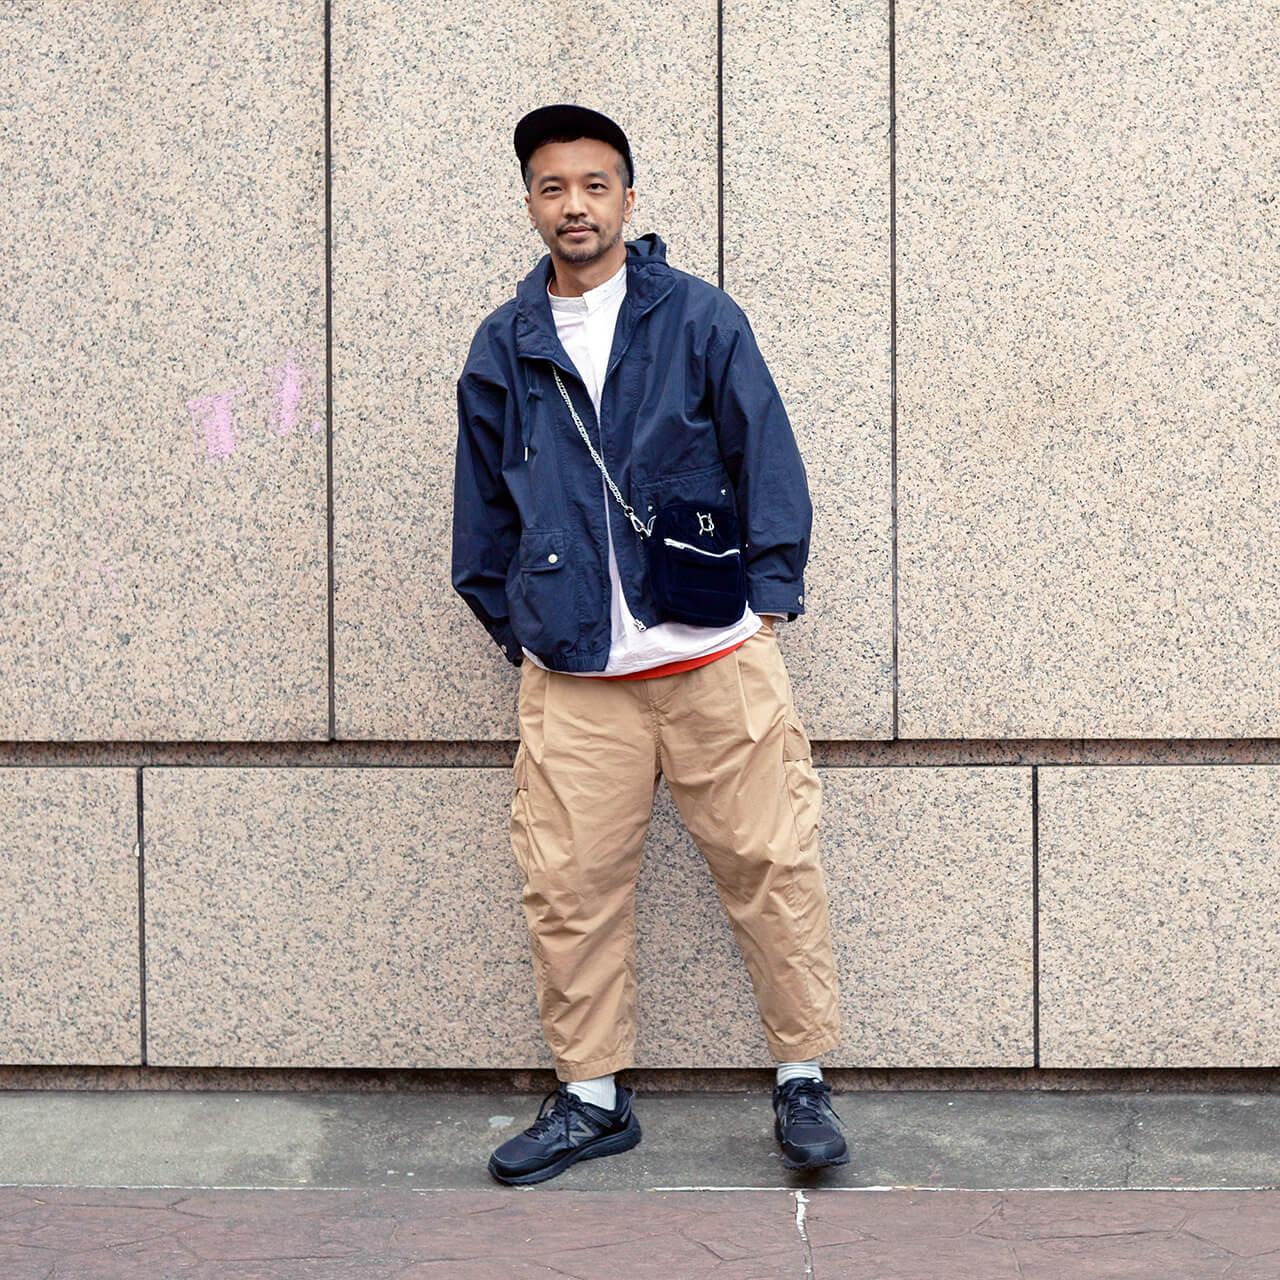 秋季穿搭,男生穿搭,街頭,西裝,休閒搭配,akko,akko 褲,一週搭配,街頭搭配,搭配型人,街頭型人